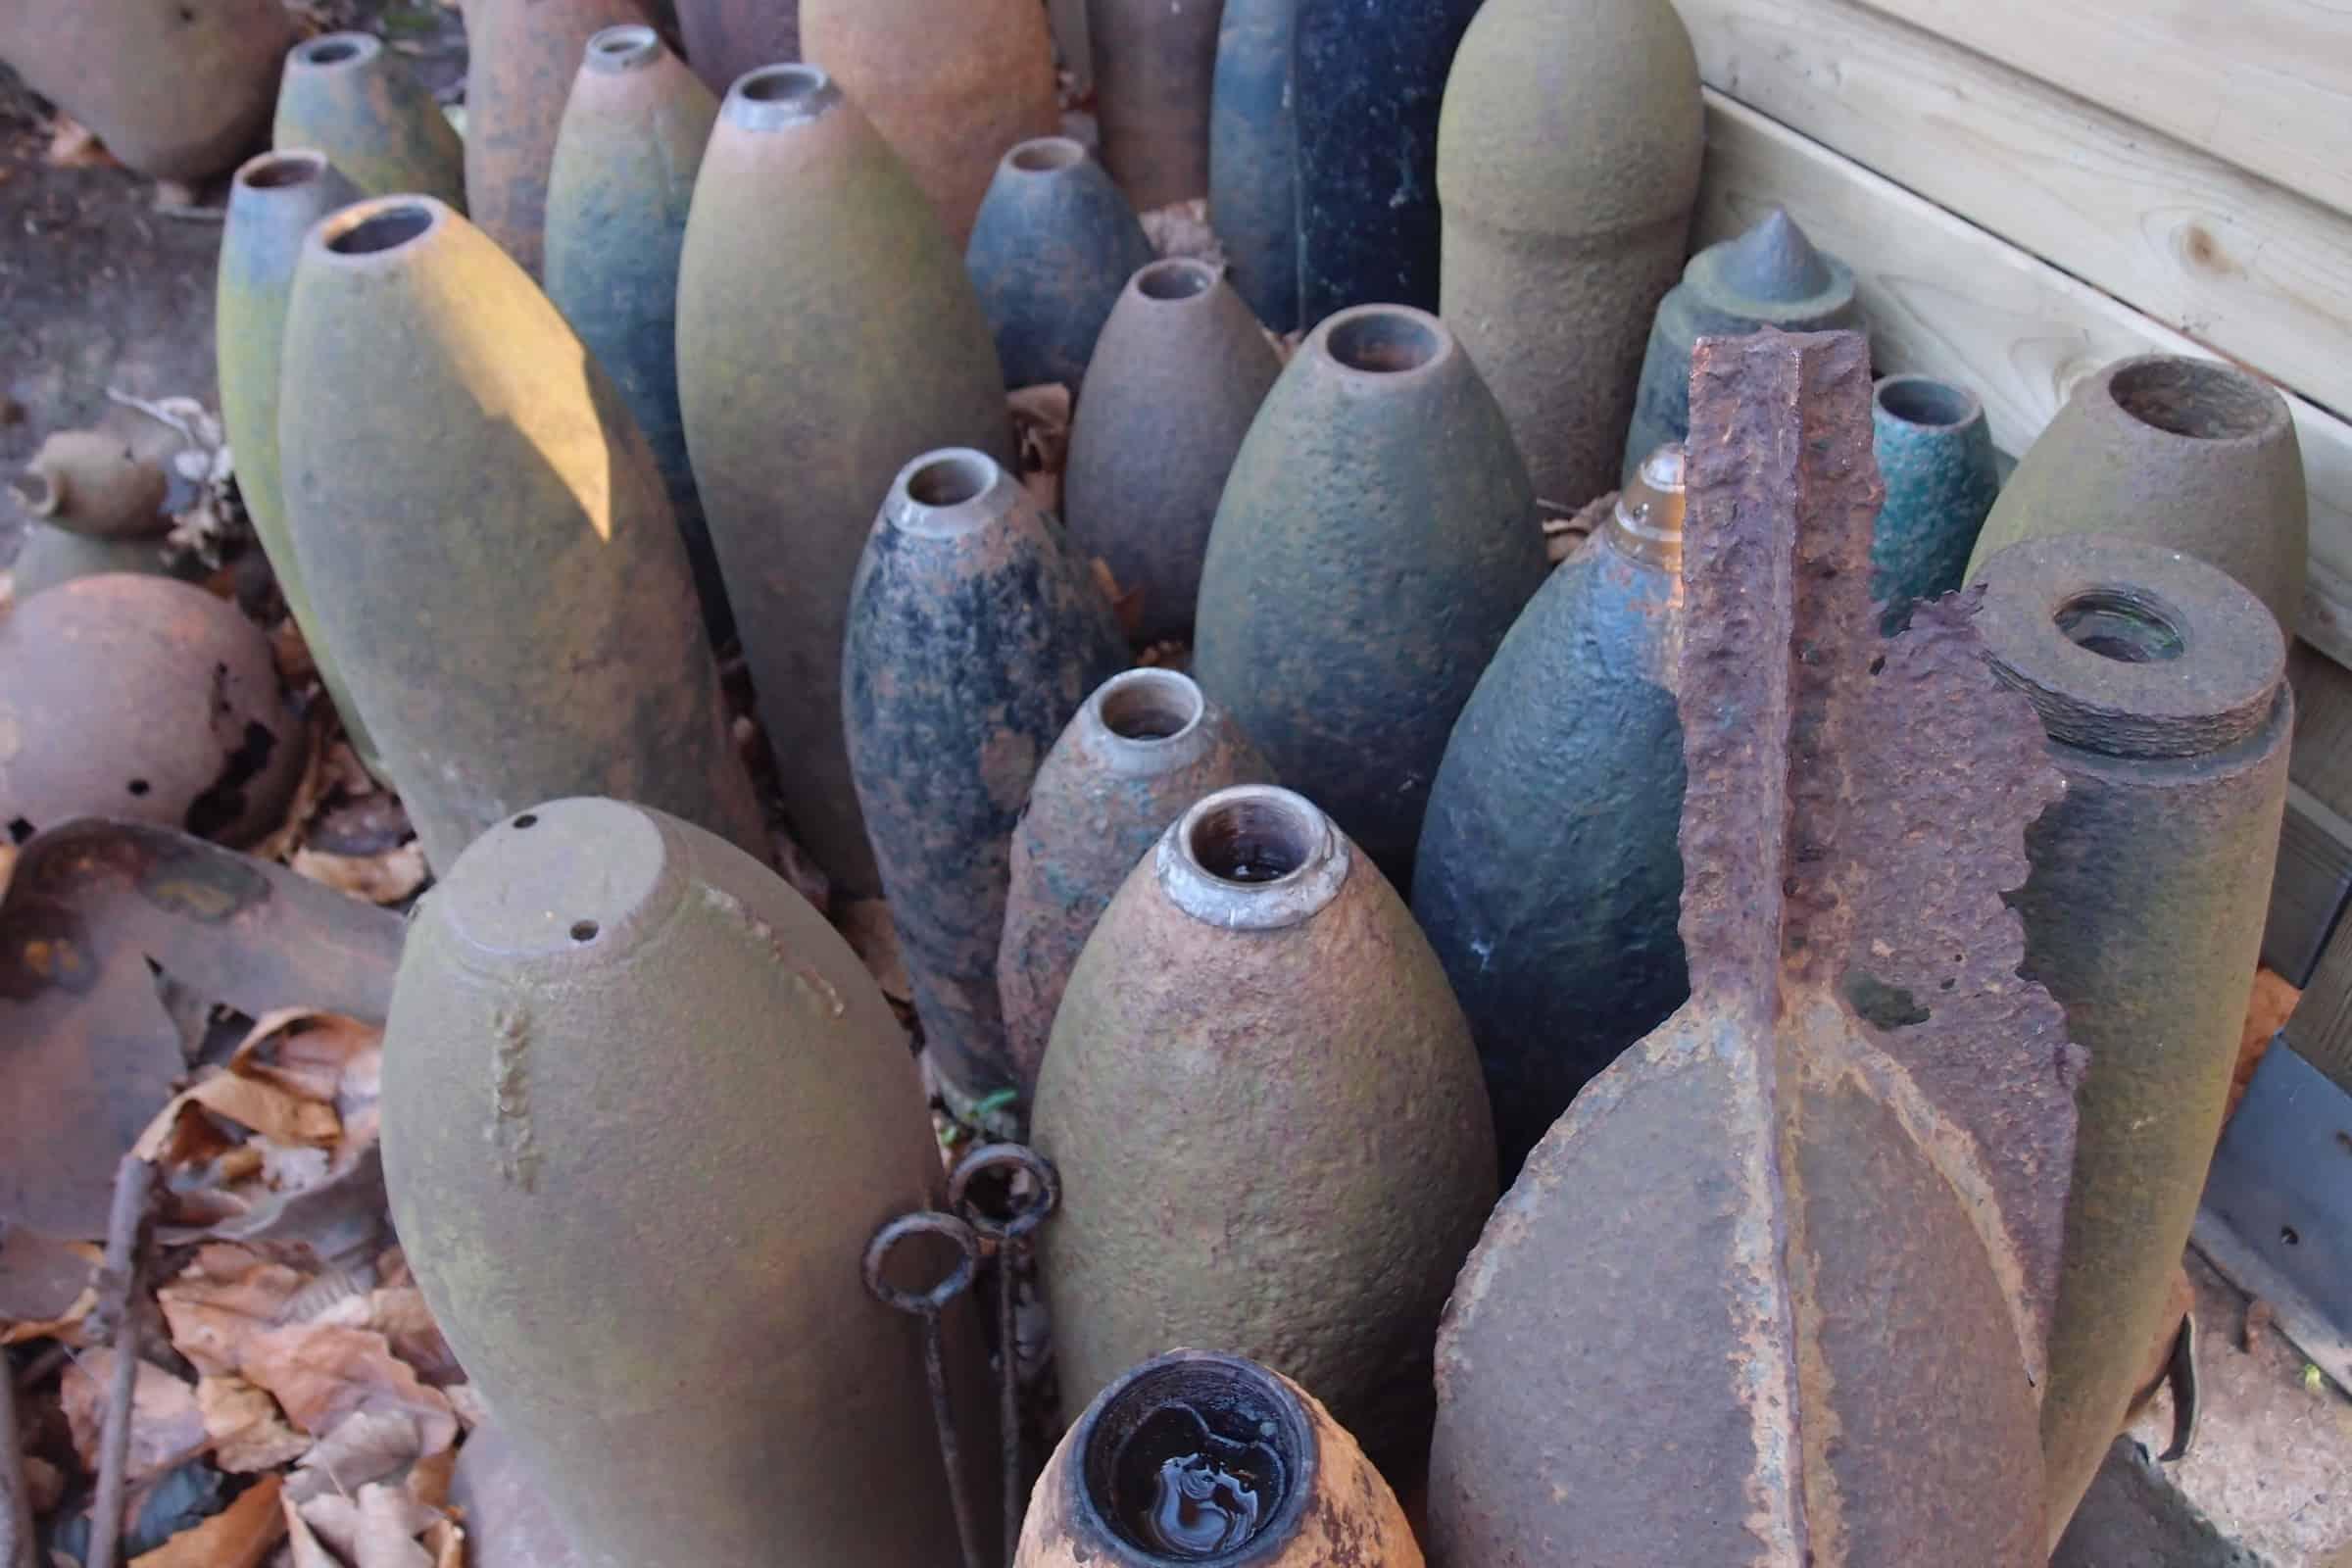 World War One bombshells. Photograph ® www.foxtrotfilms.com